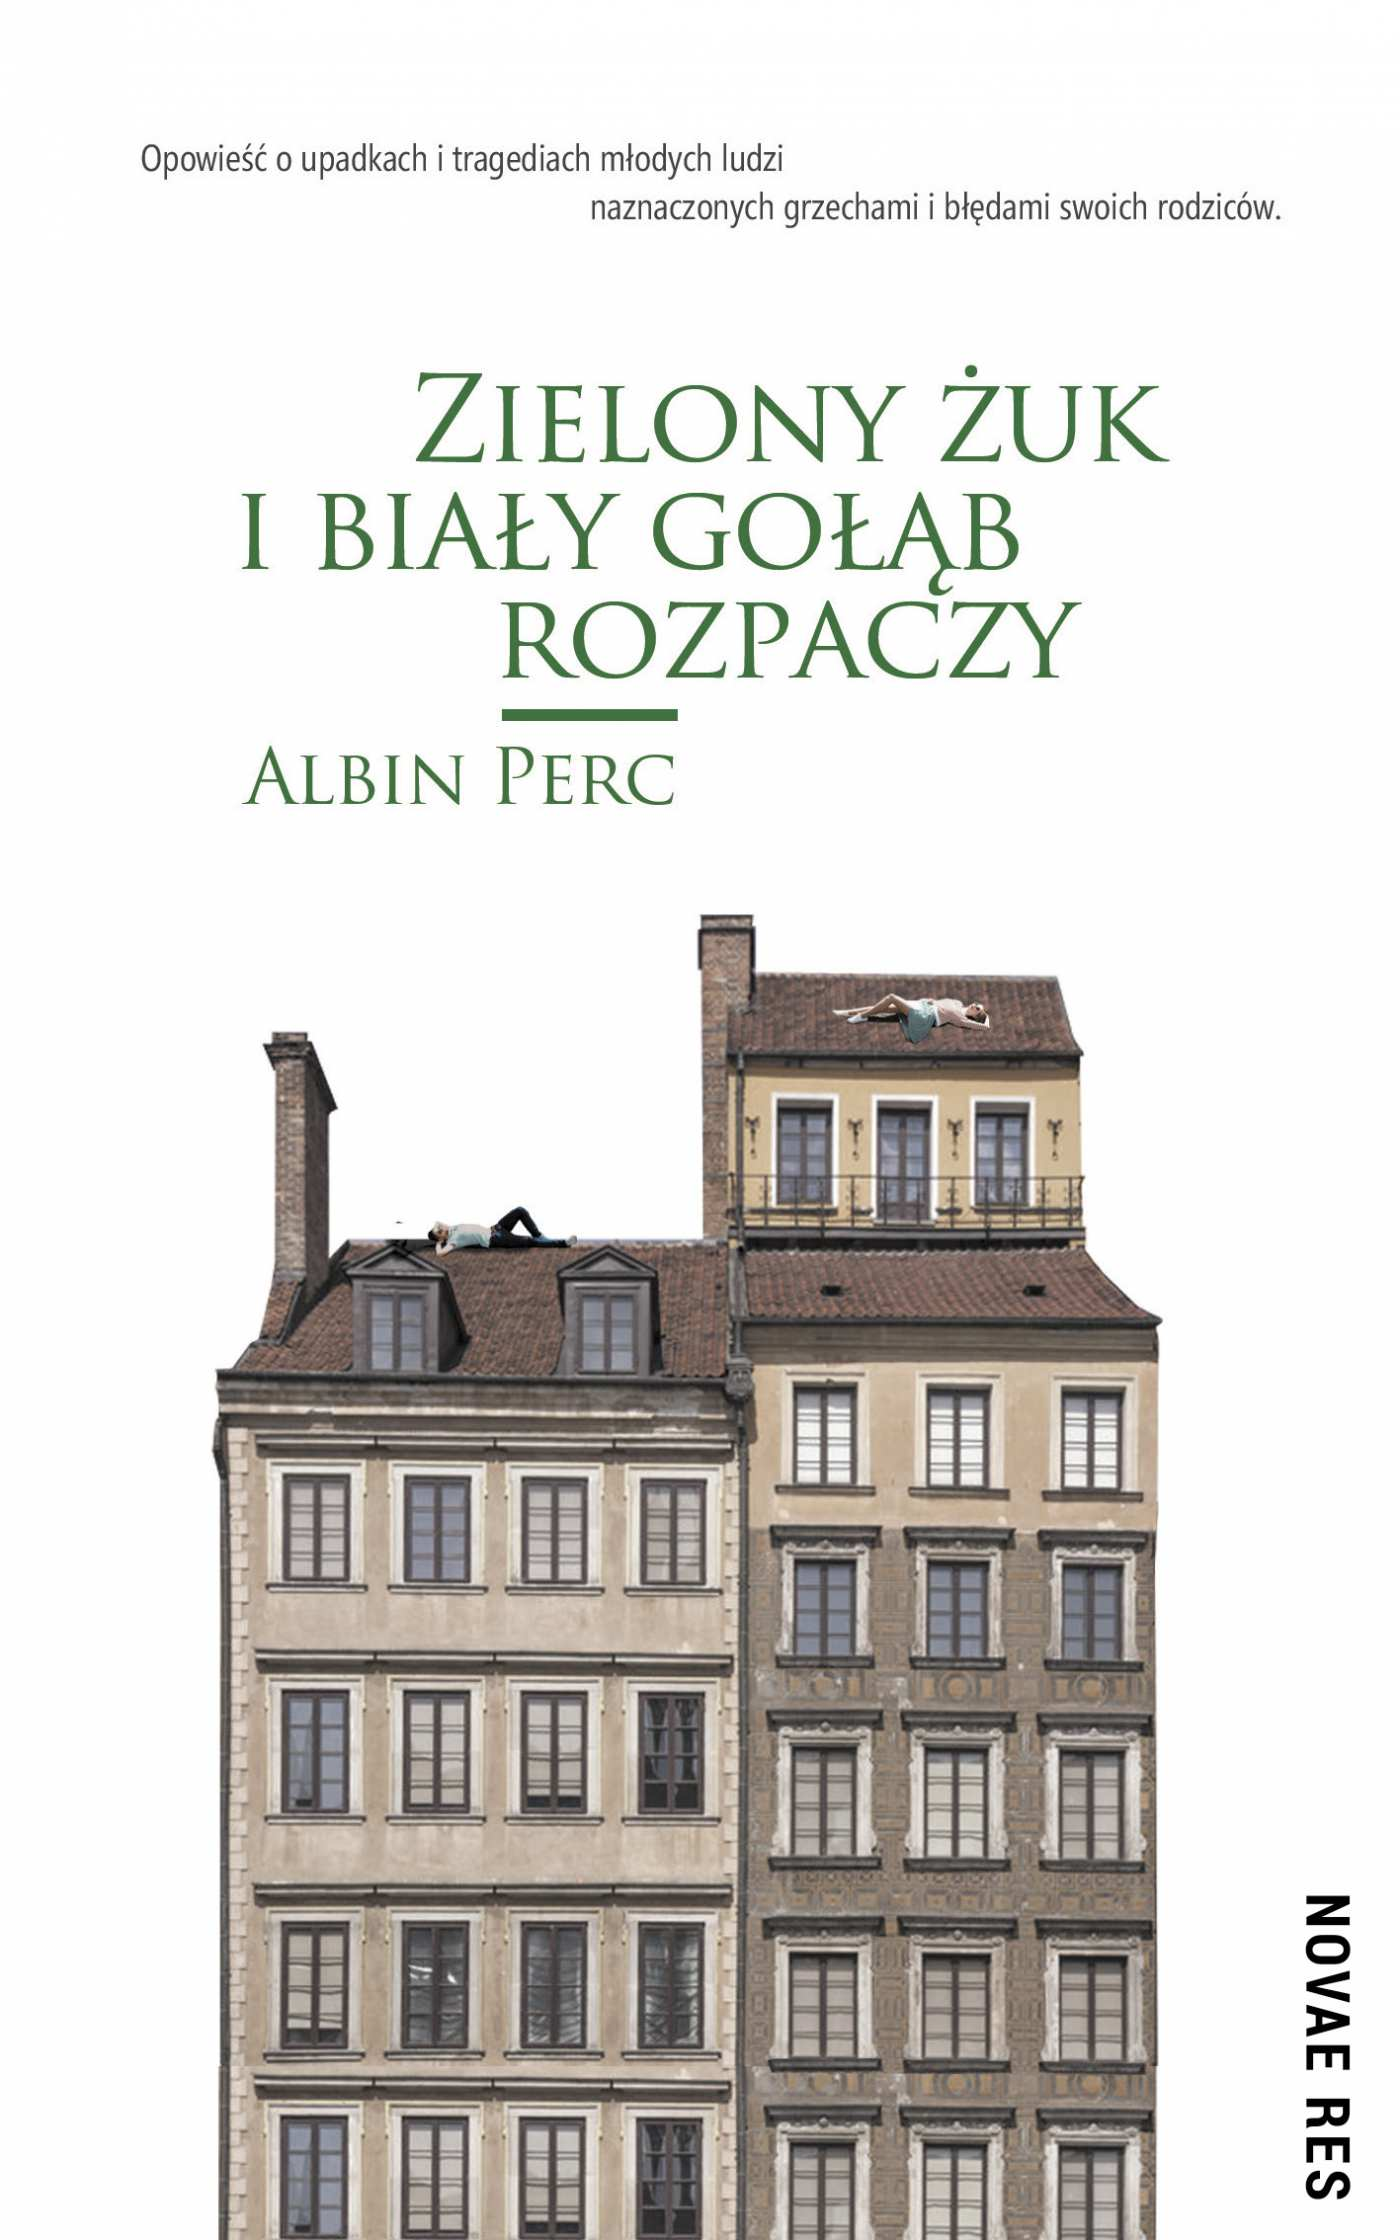 Zielony żuk i biały gołąb rozpaczy - Ebook (Książka na Kindle) do pobrania w formacie MOBI